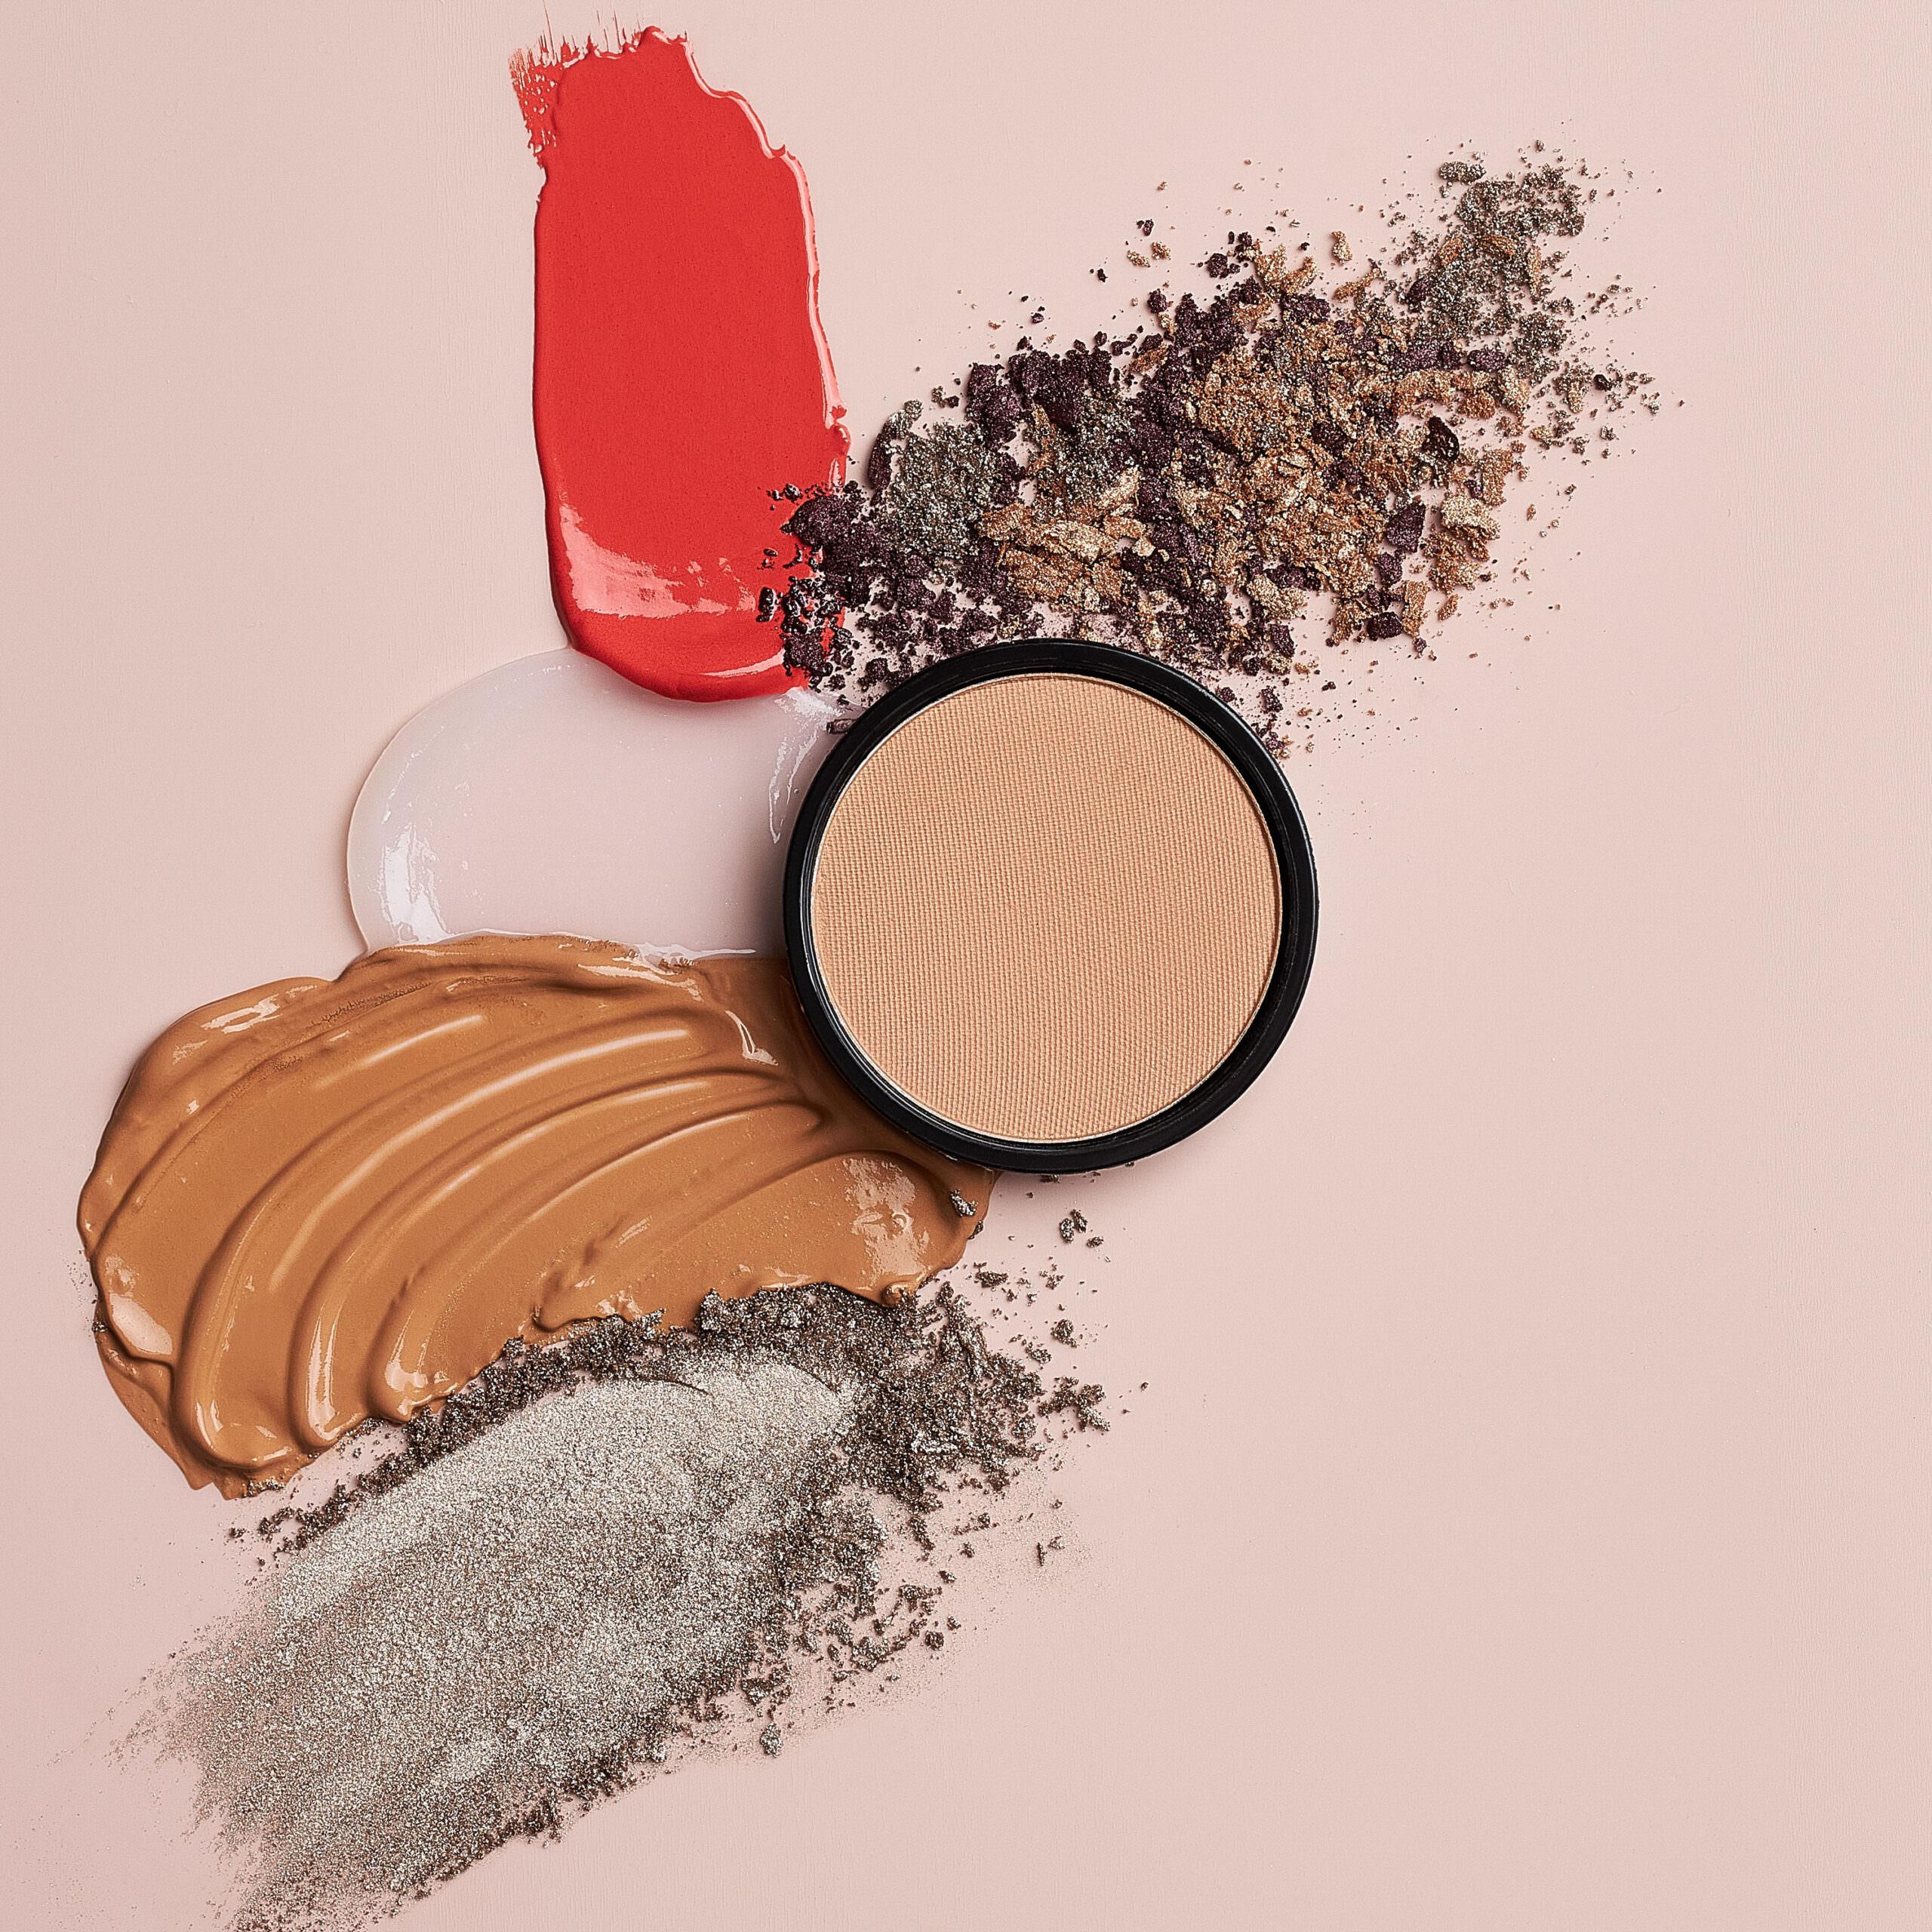 kosmetik texturen fotografie